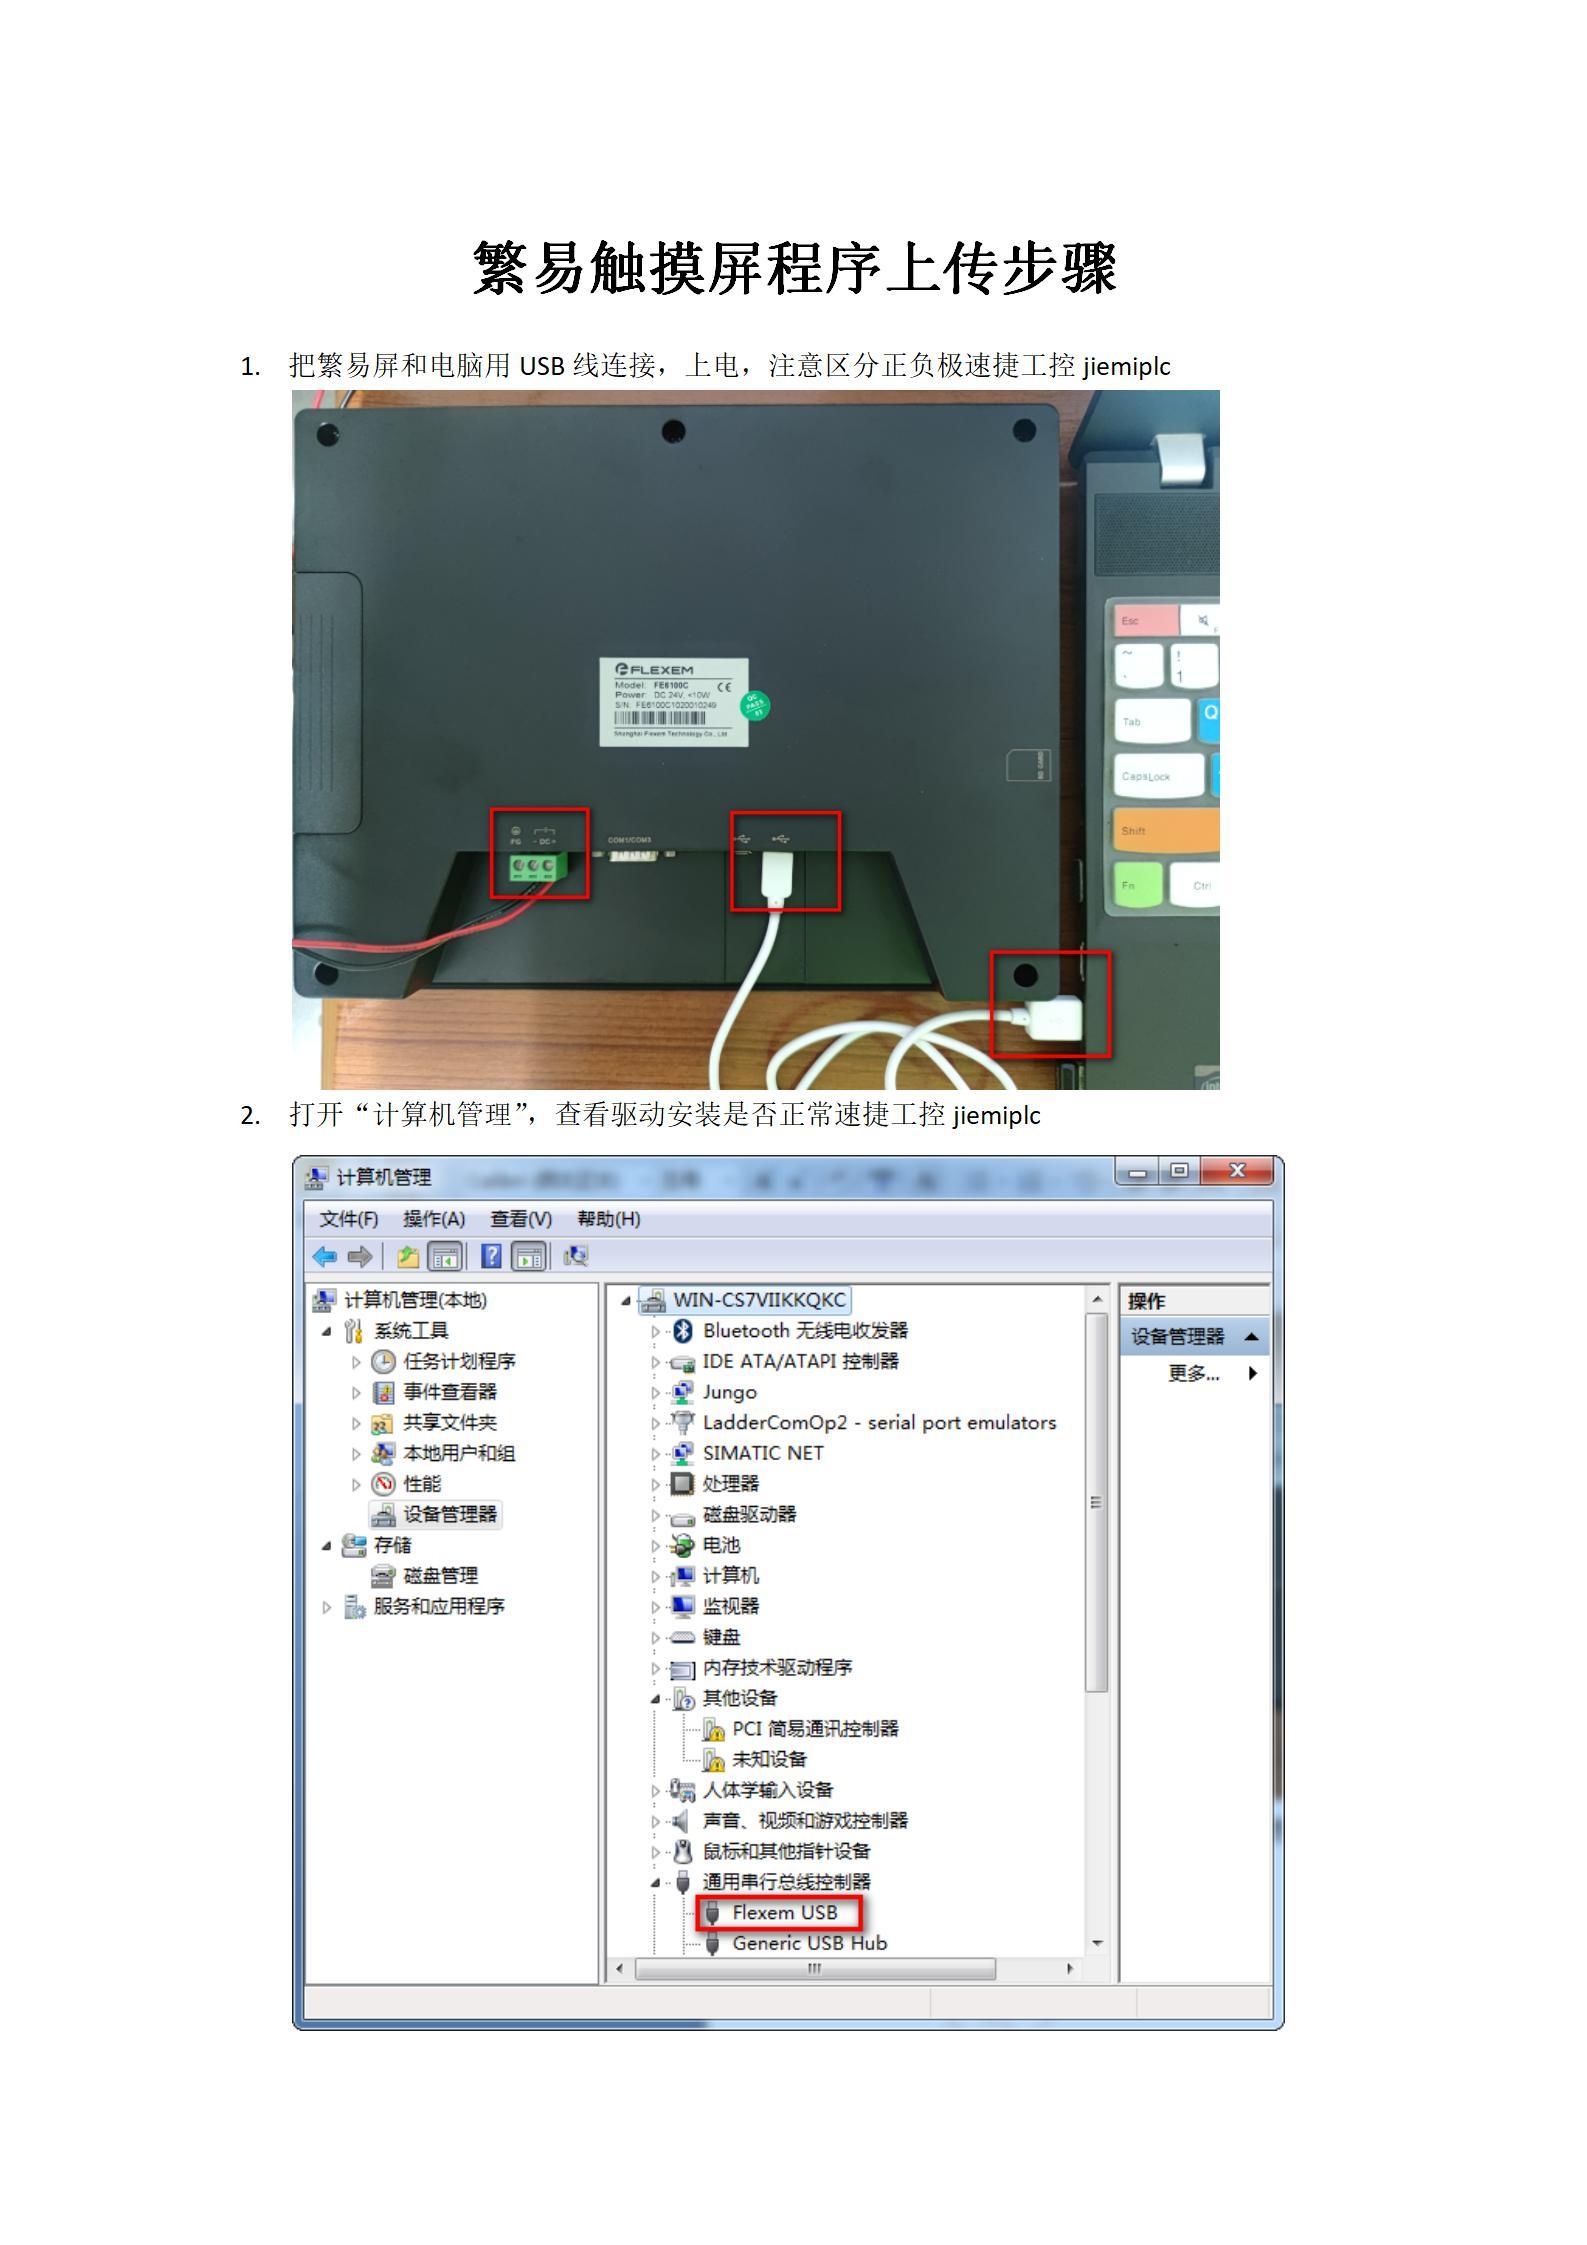 繁易触摸屏程序上载程序步骤_01